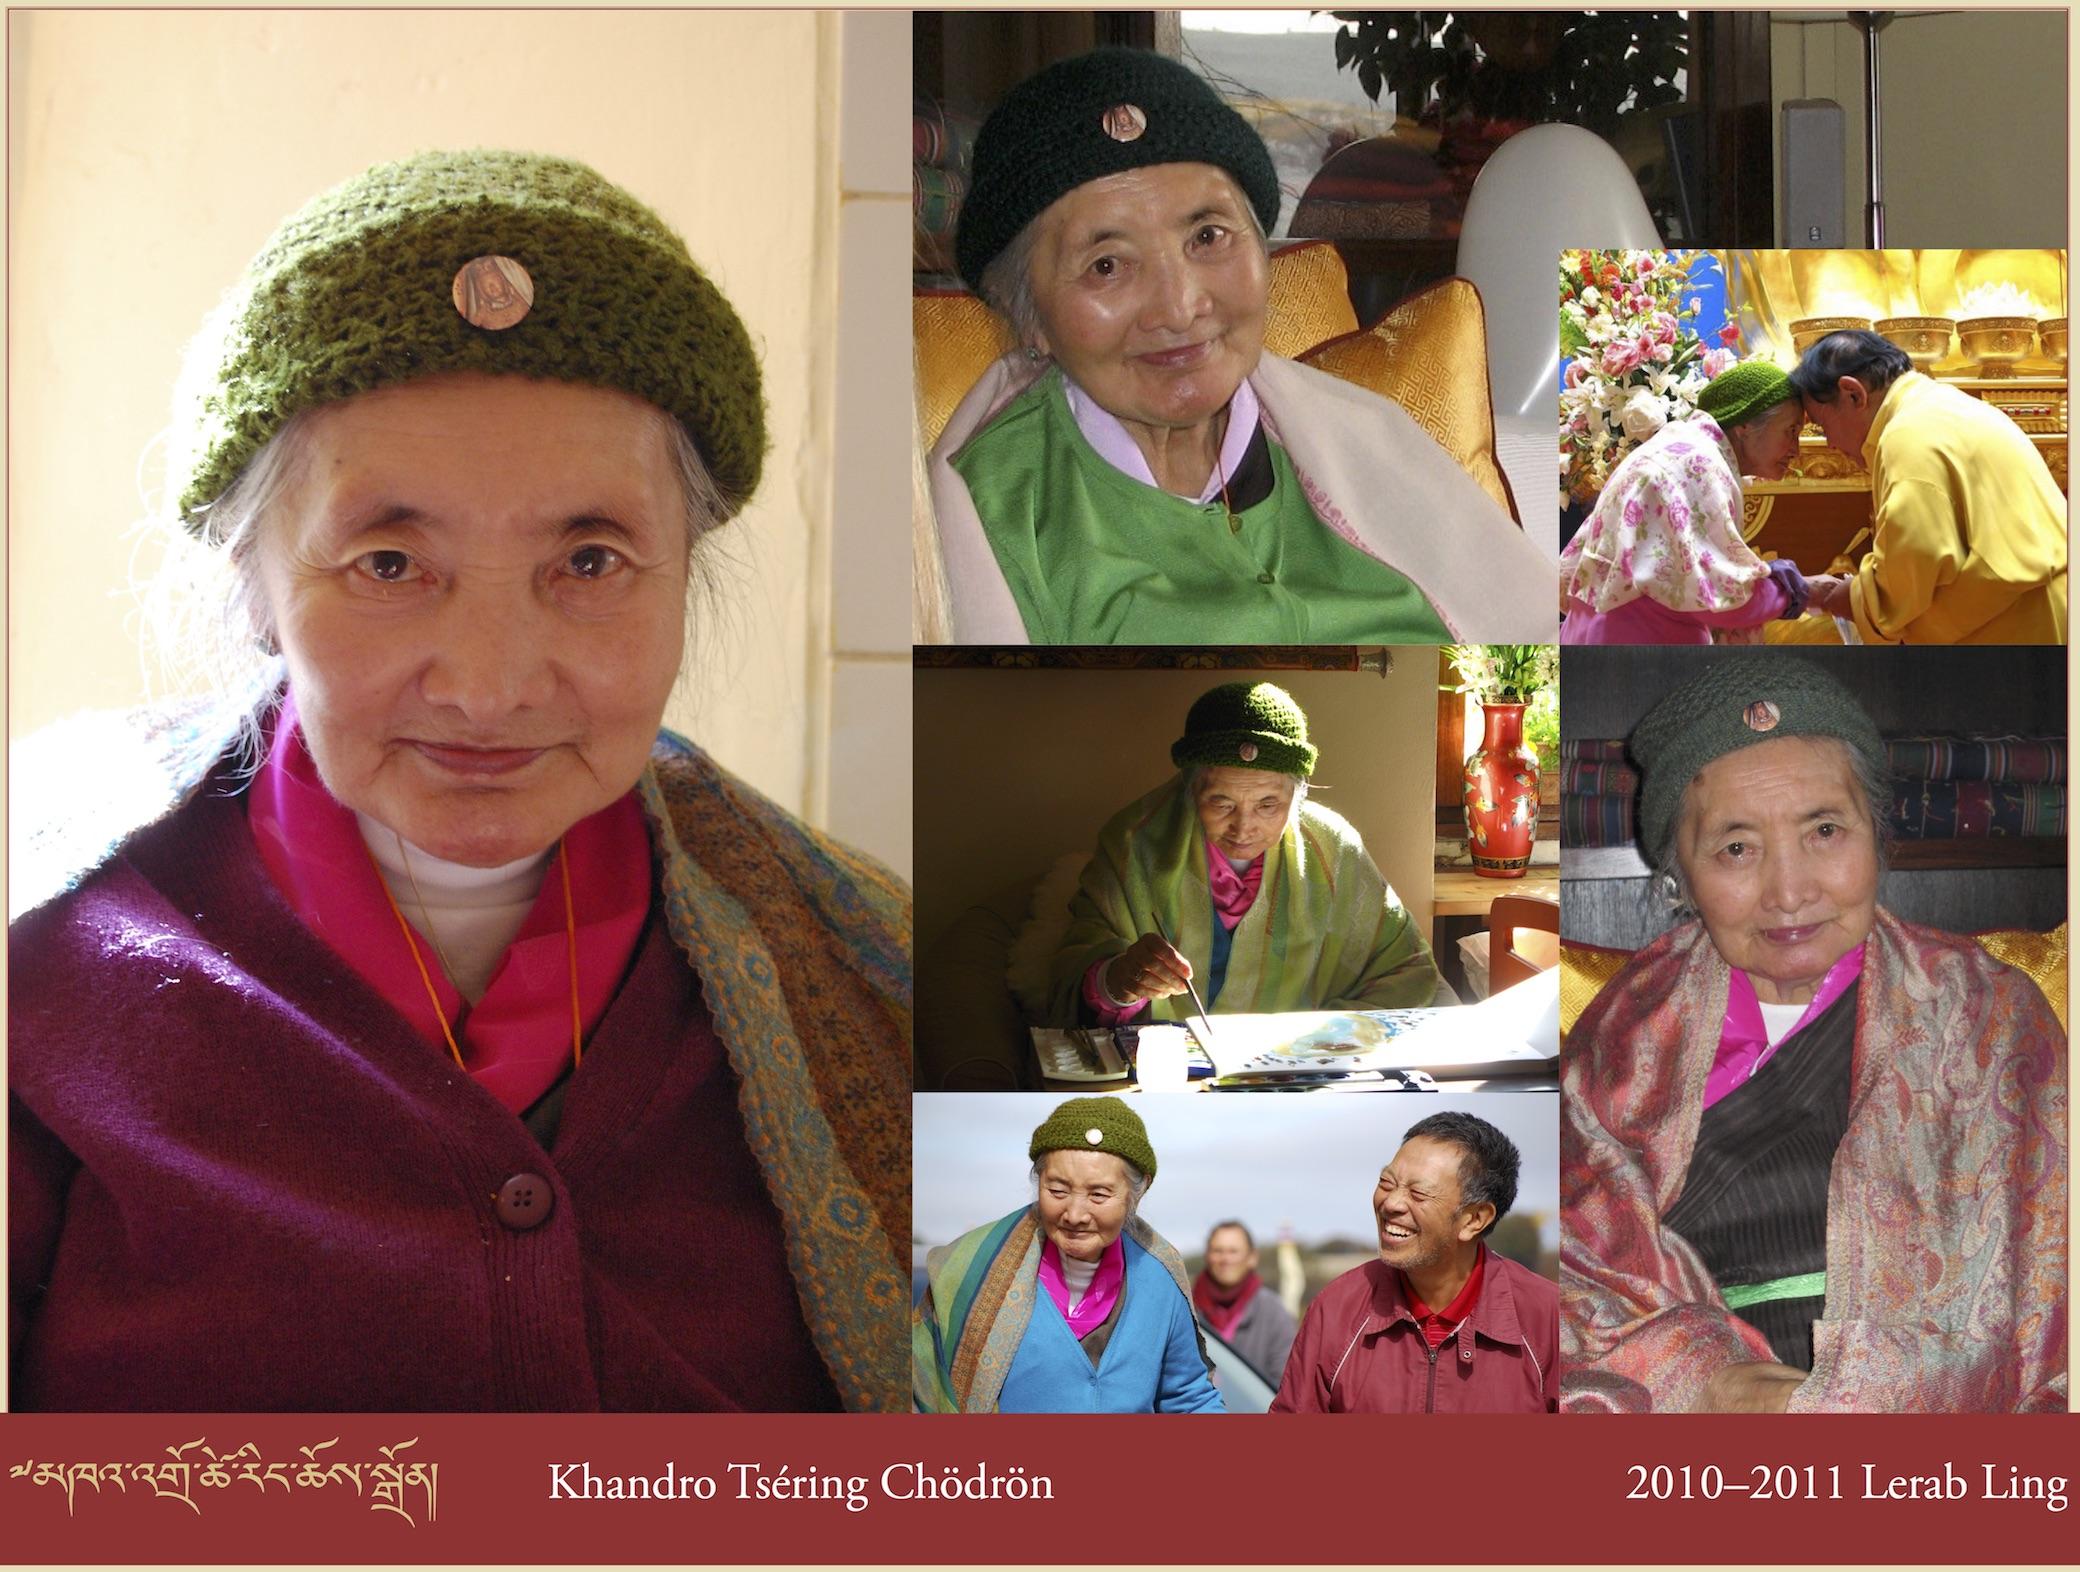 Khandro Tséring Chödrön, 2010–2011 Lerab Ling